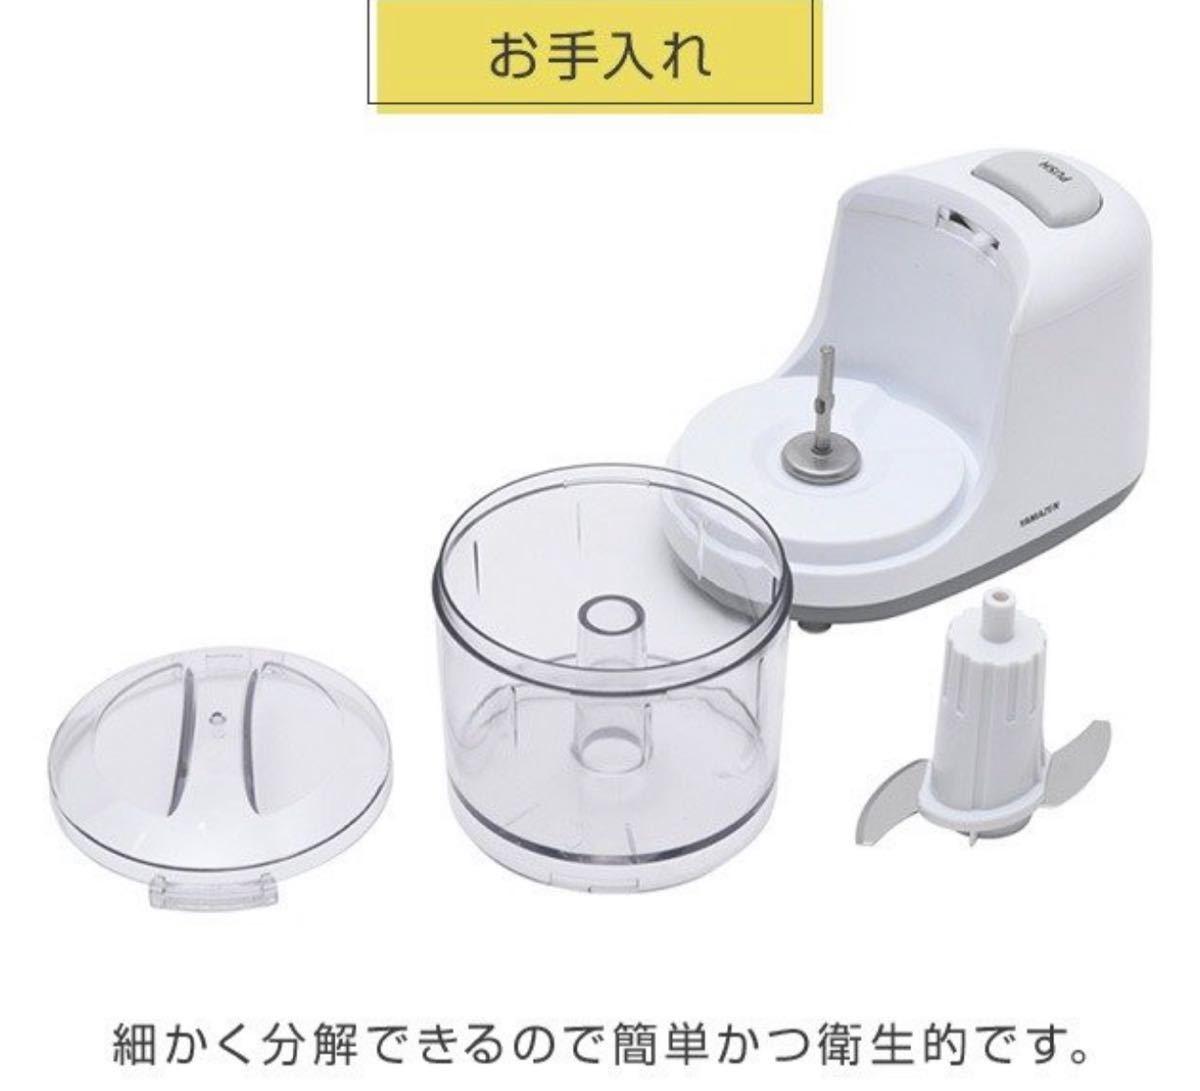 簡単! 山善 フードプロセッサー YFA-201